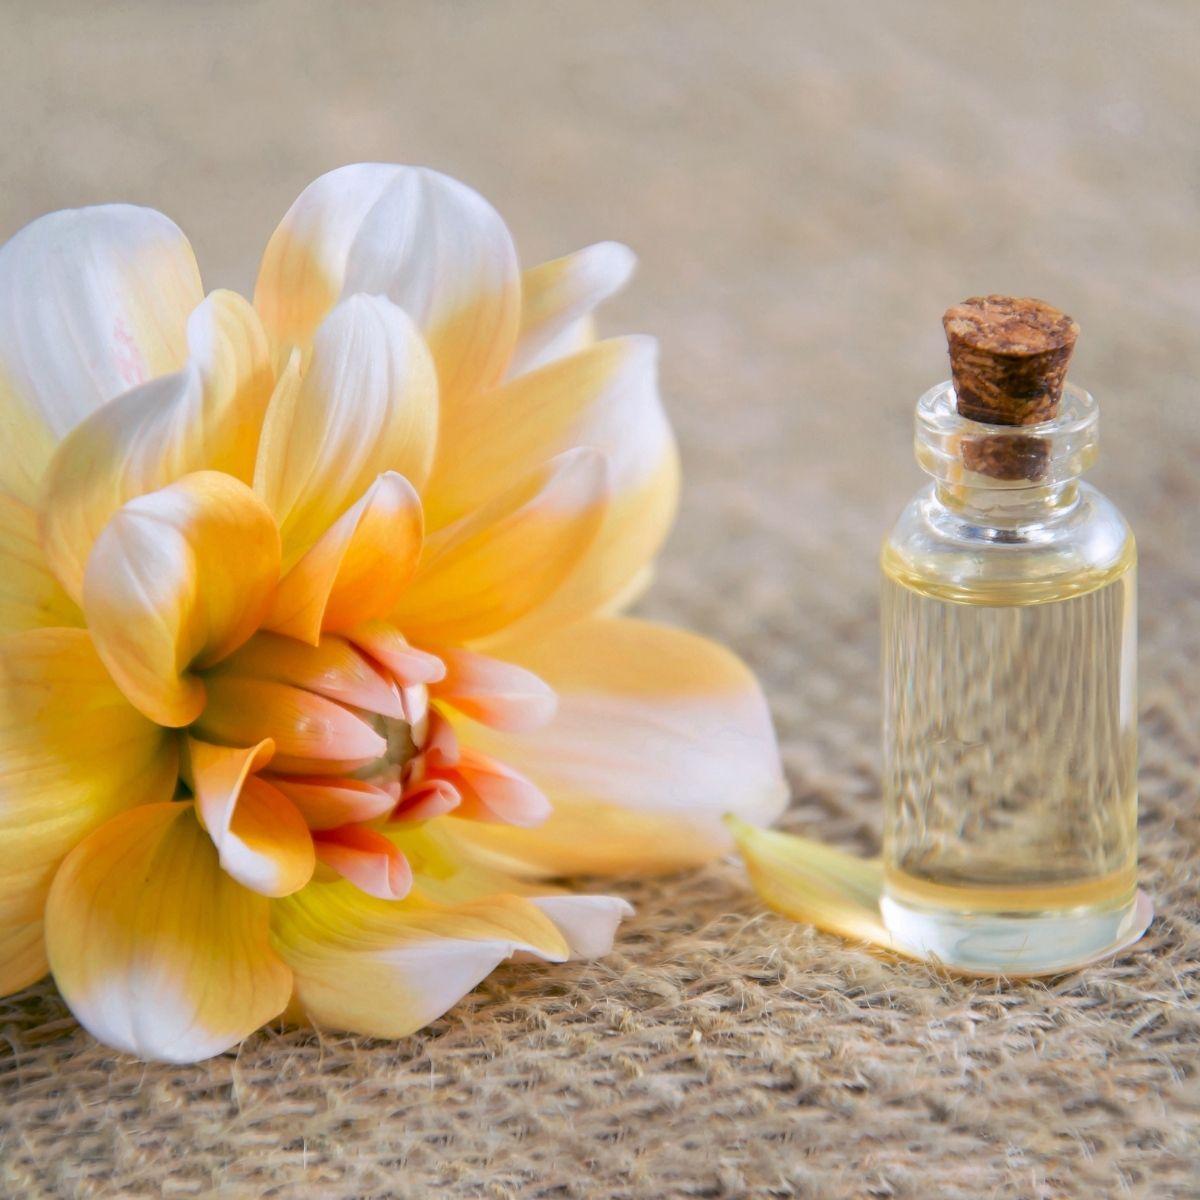 Quantiques olfactifs DEVA les émotions: des synergies d'huiles essentielles à respirer. Herboristerie des mille feuilles